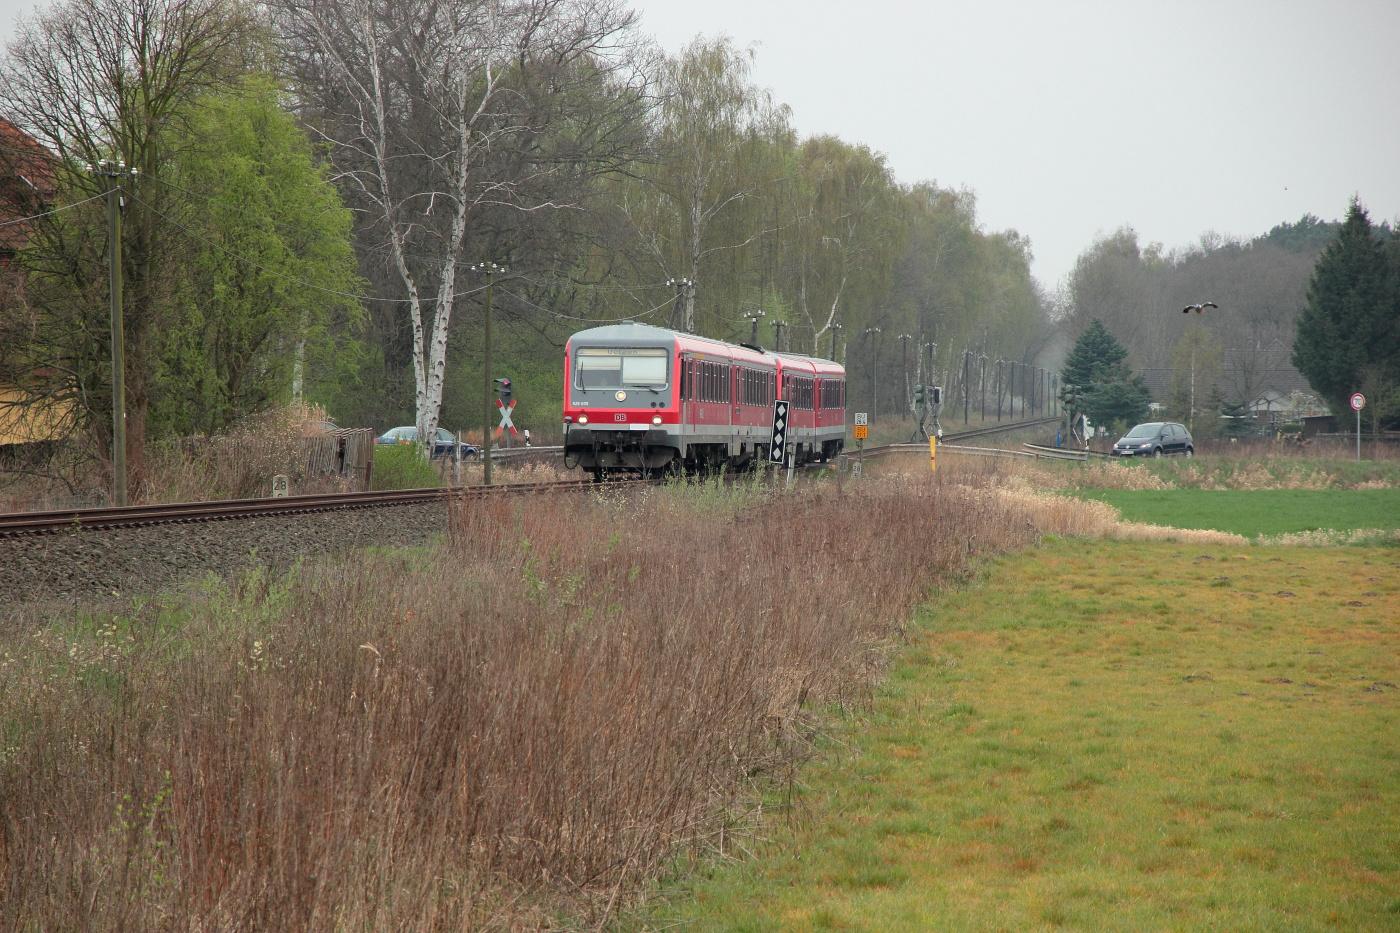 http://www.nachtbahner.de/Fotos/2014-04-05%20M%c3%bchlenbahn/k-IMG_2589%20KBS%20115%20M%c3%bchlenbahn%2005.04.14%20(8).JPG